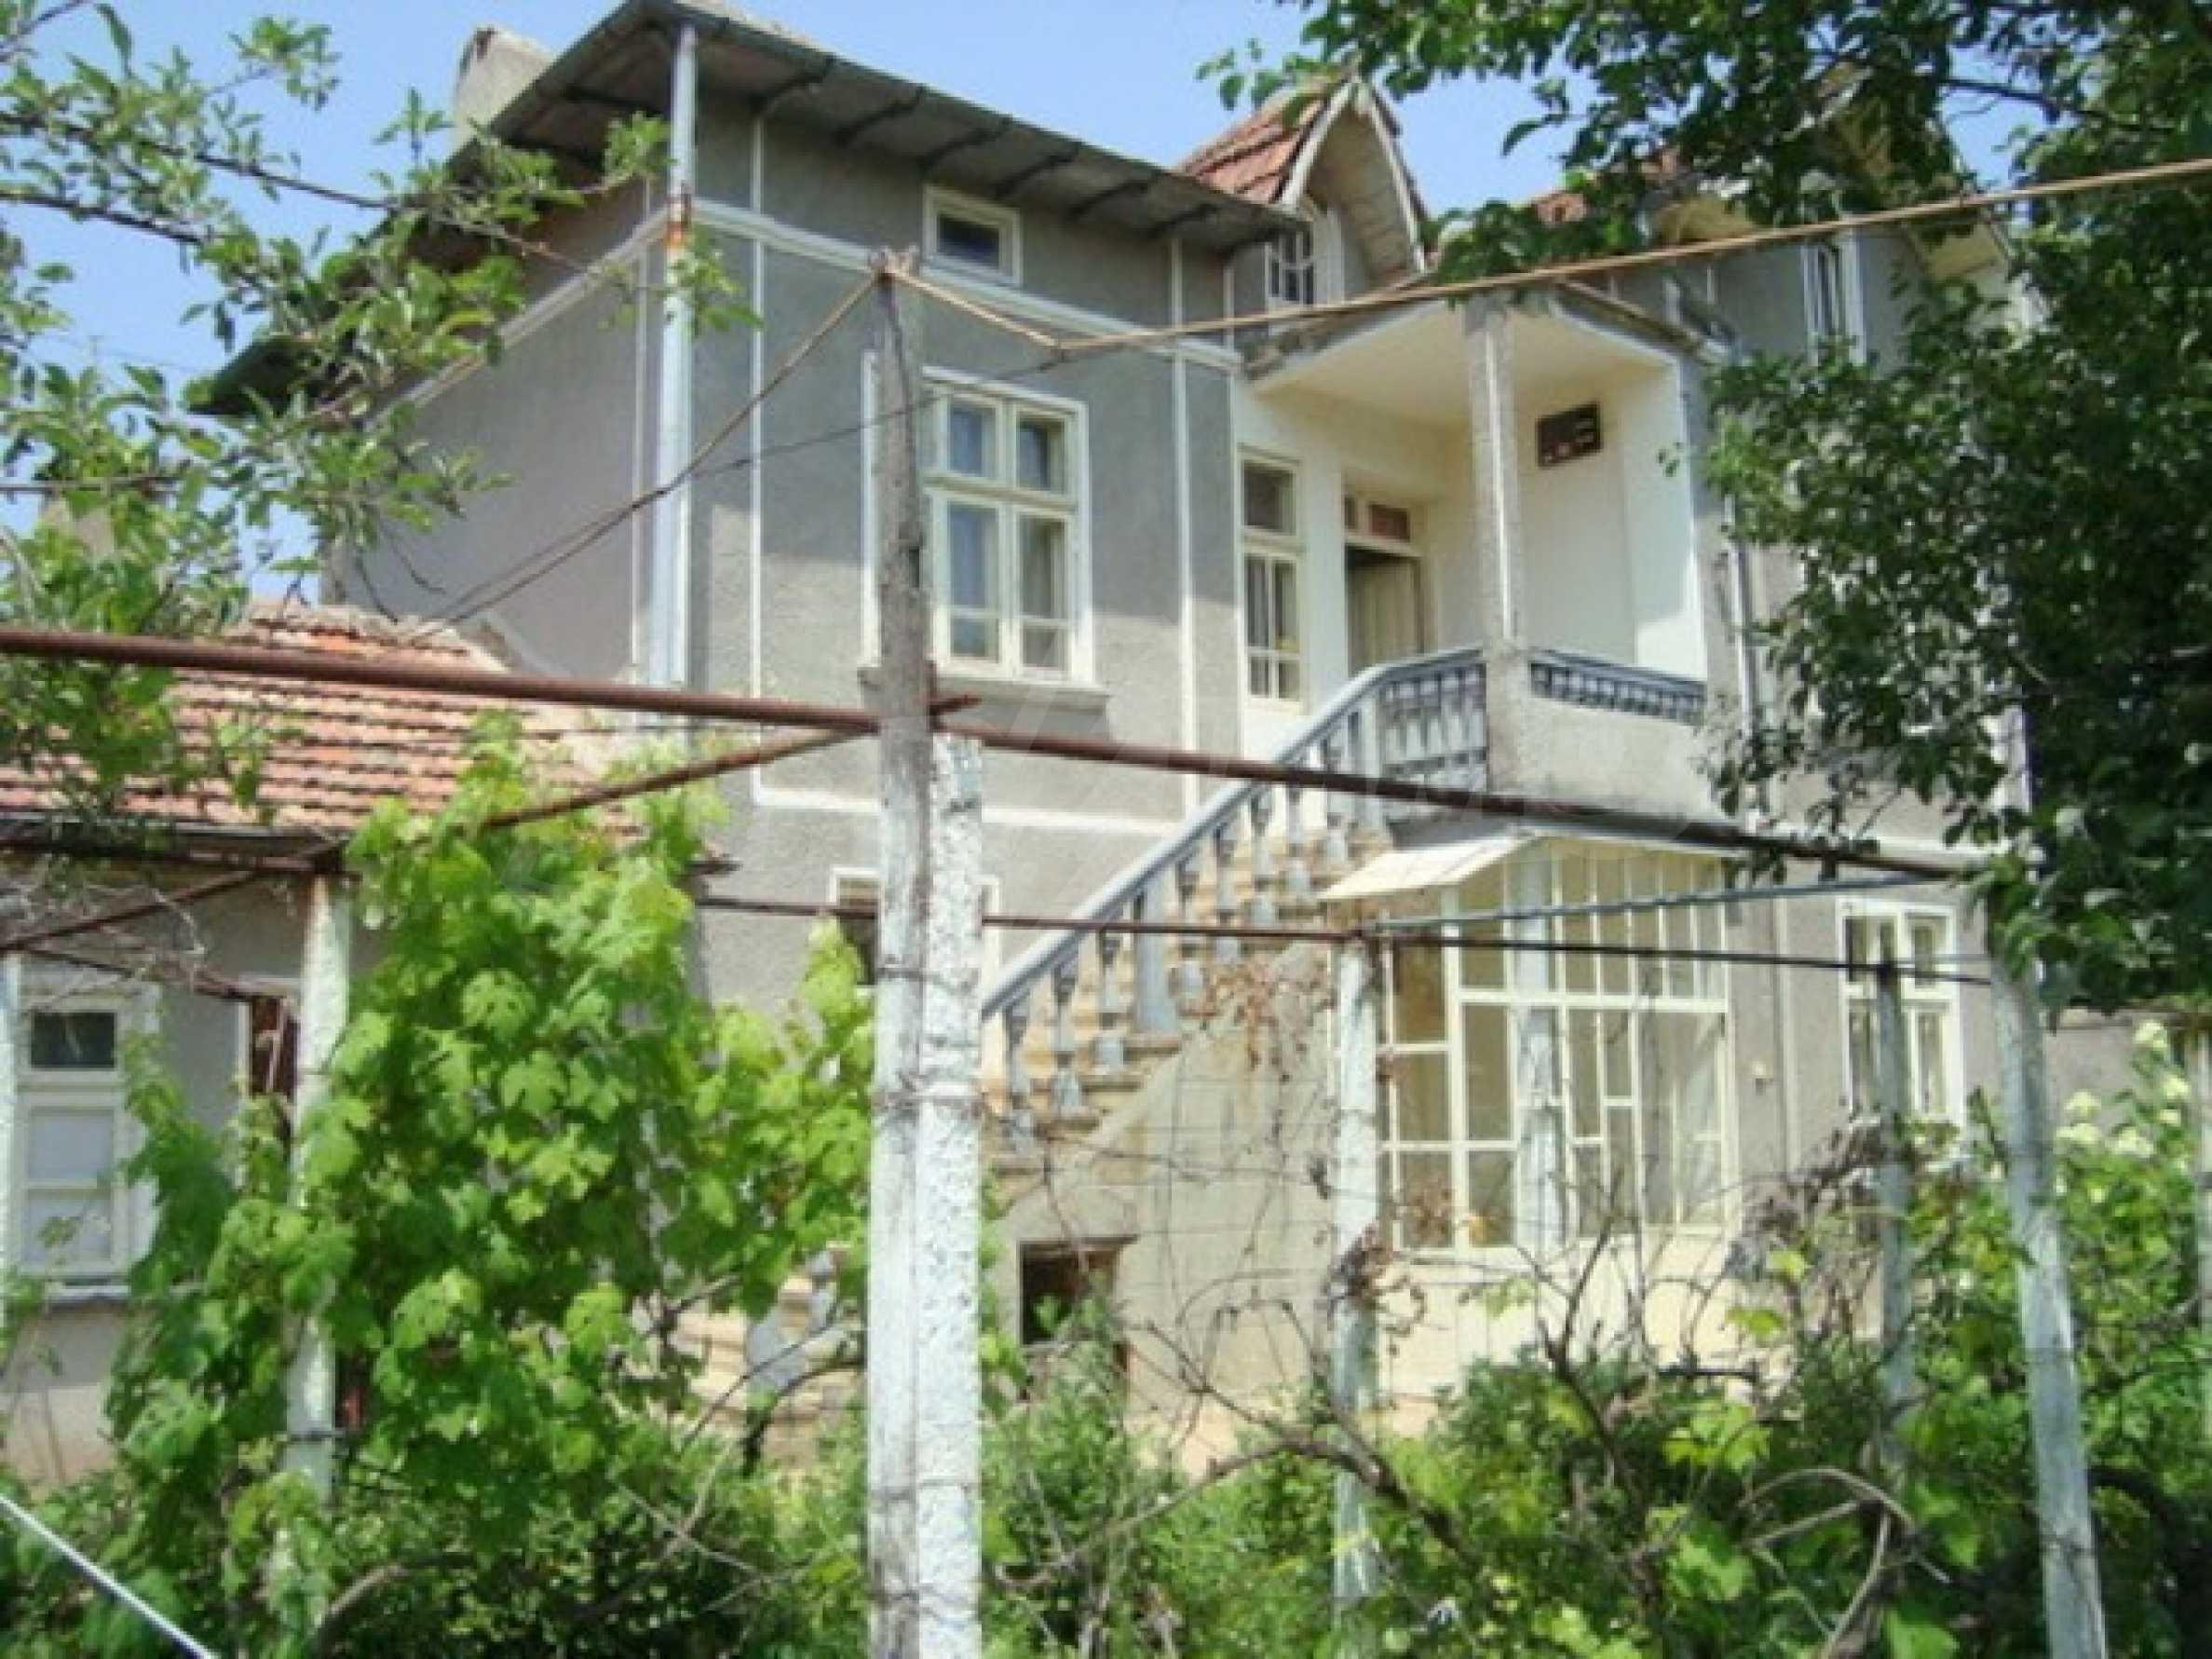 House in the village of Gorna Lipnica, Veliko Tarnovo